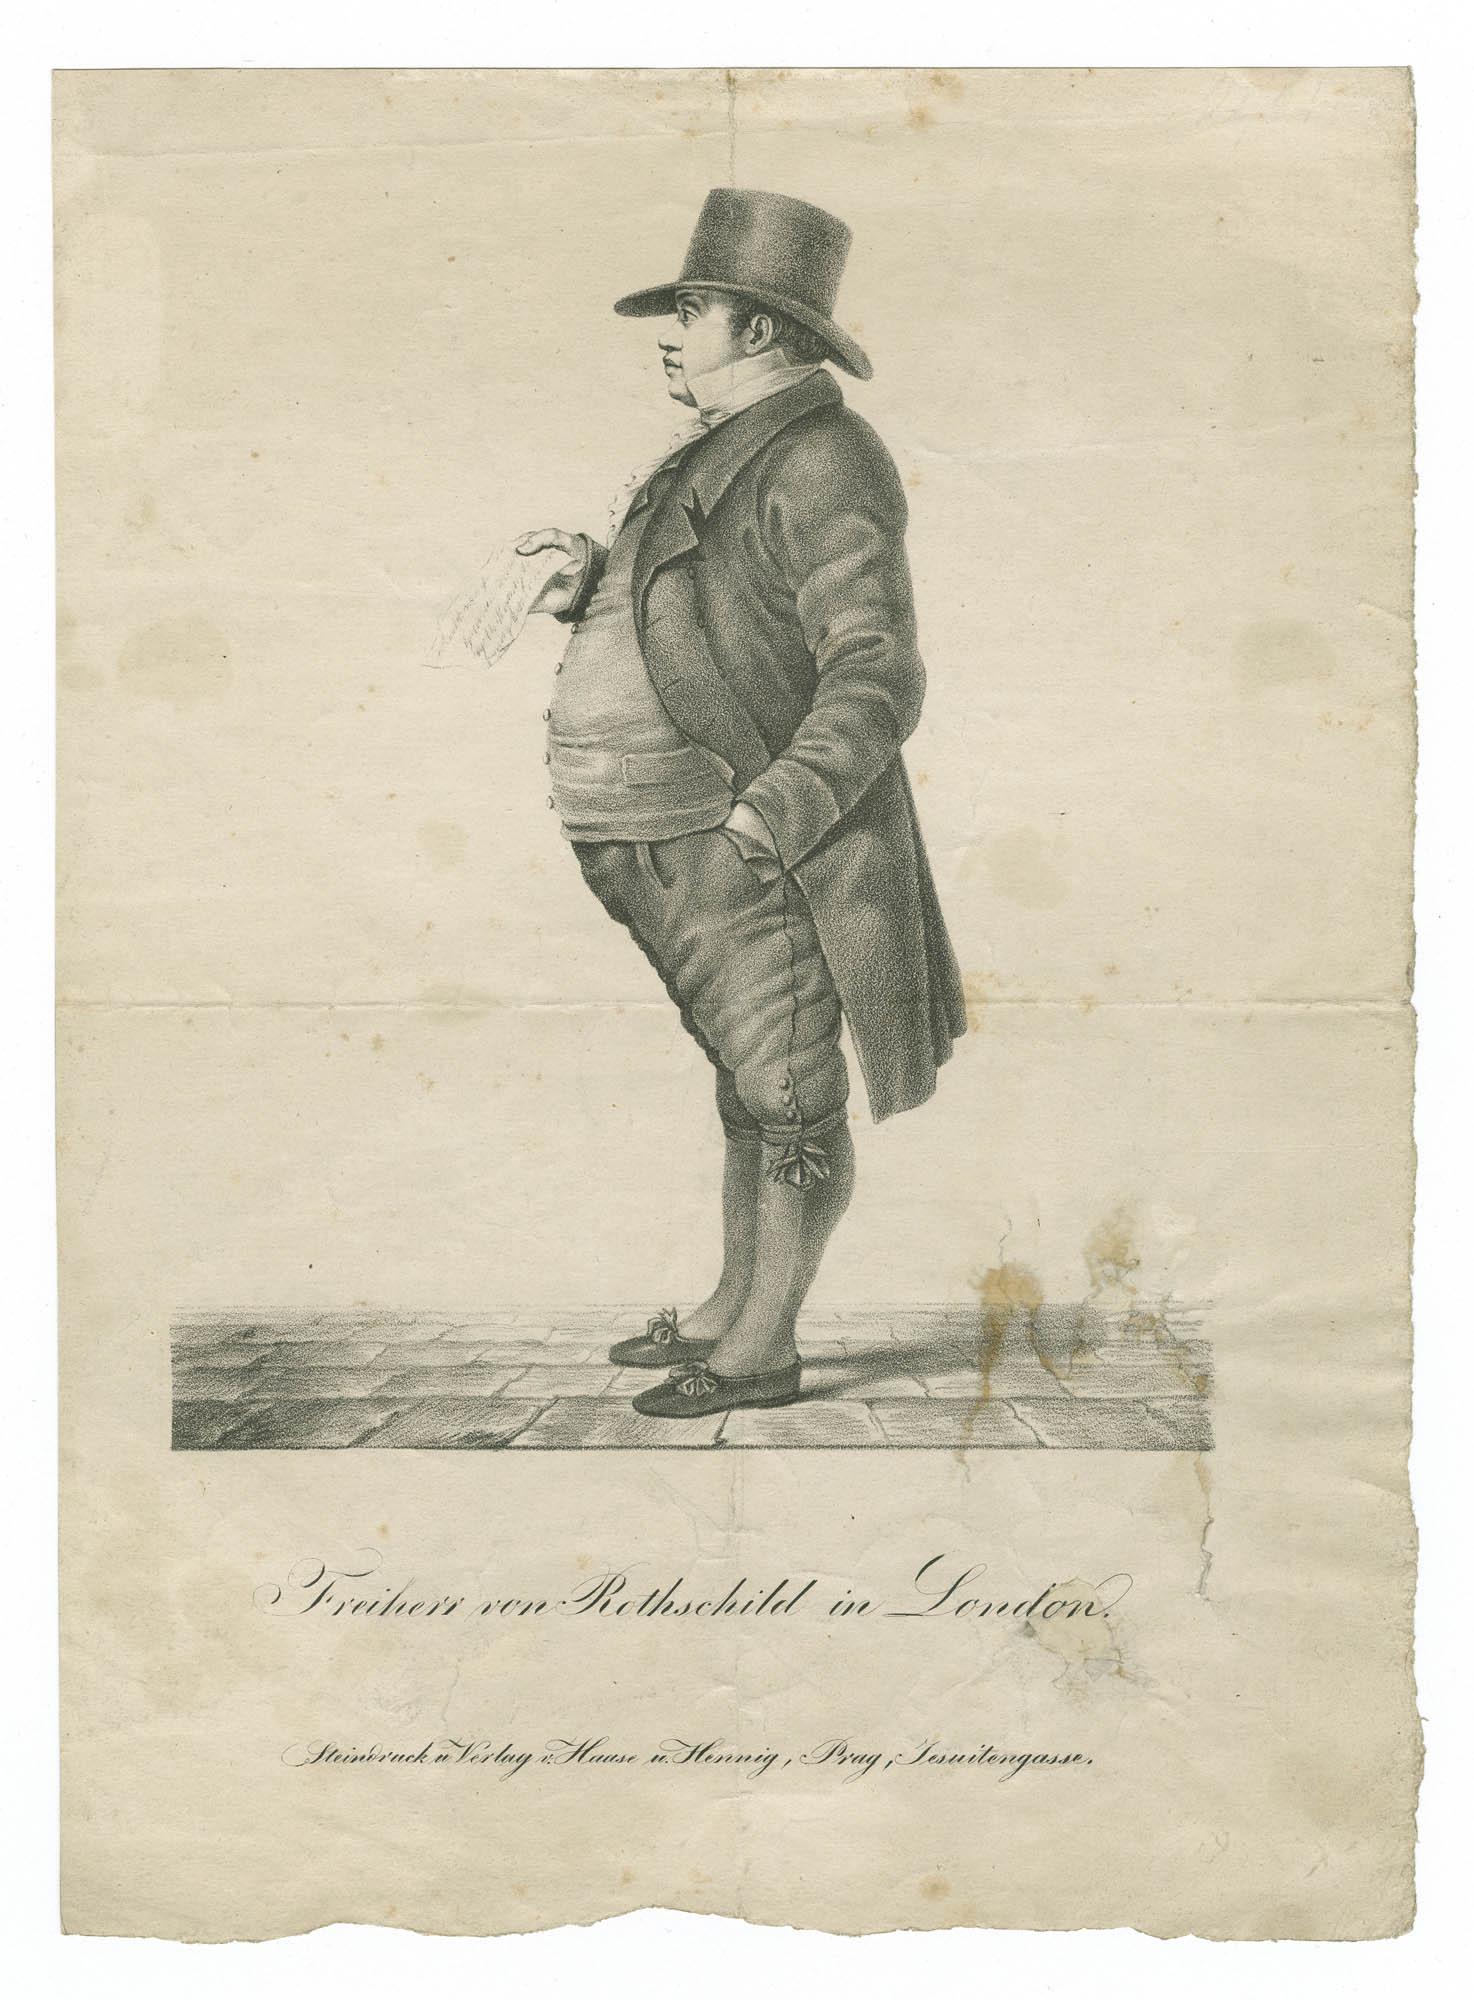 Freiherr von Rothschild in London